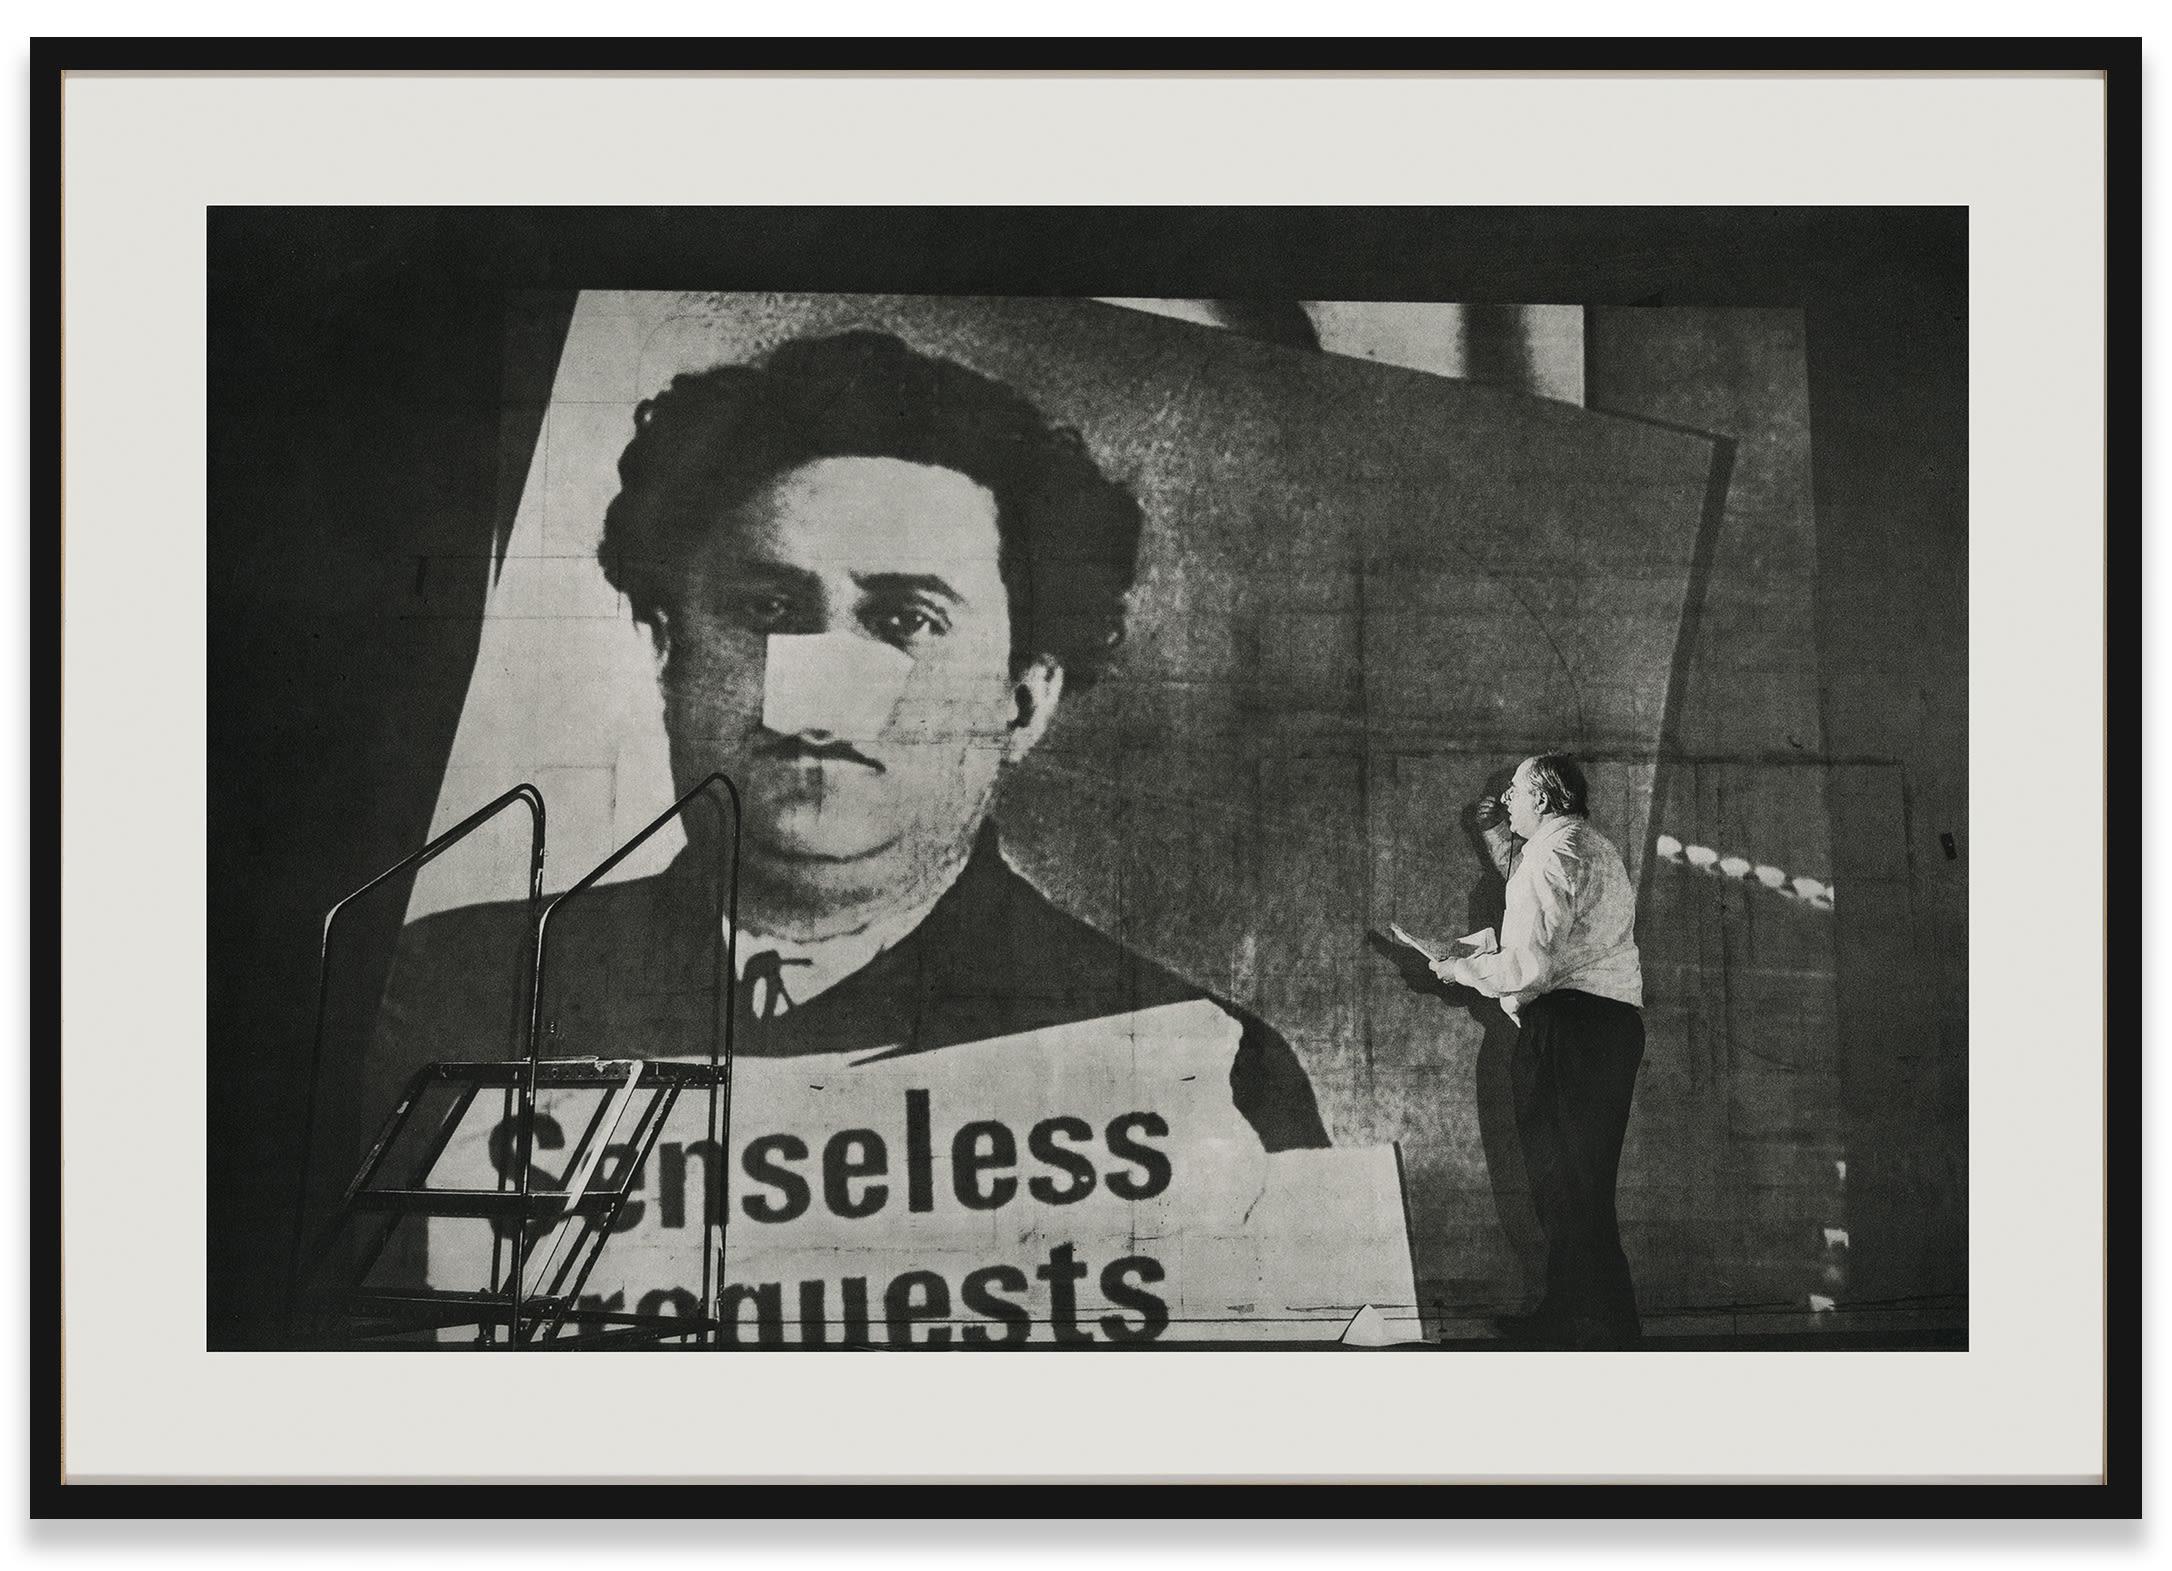 William Kentridge, Senseless Requests, 2010